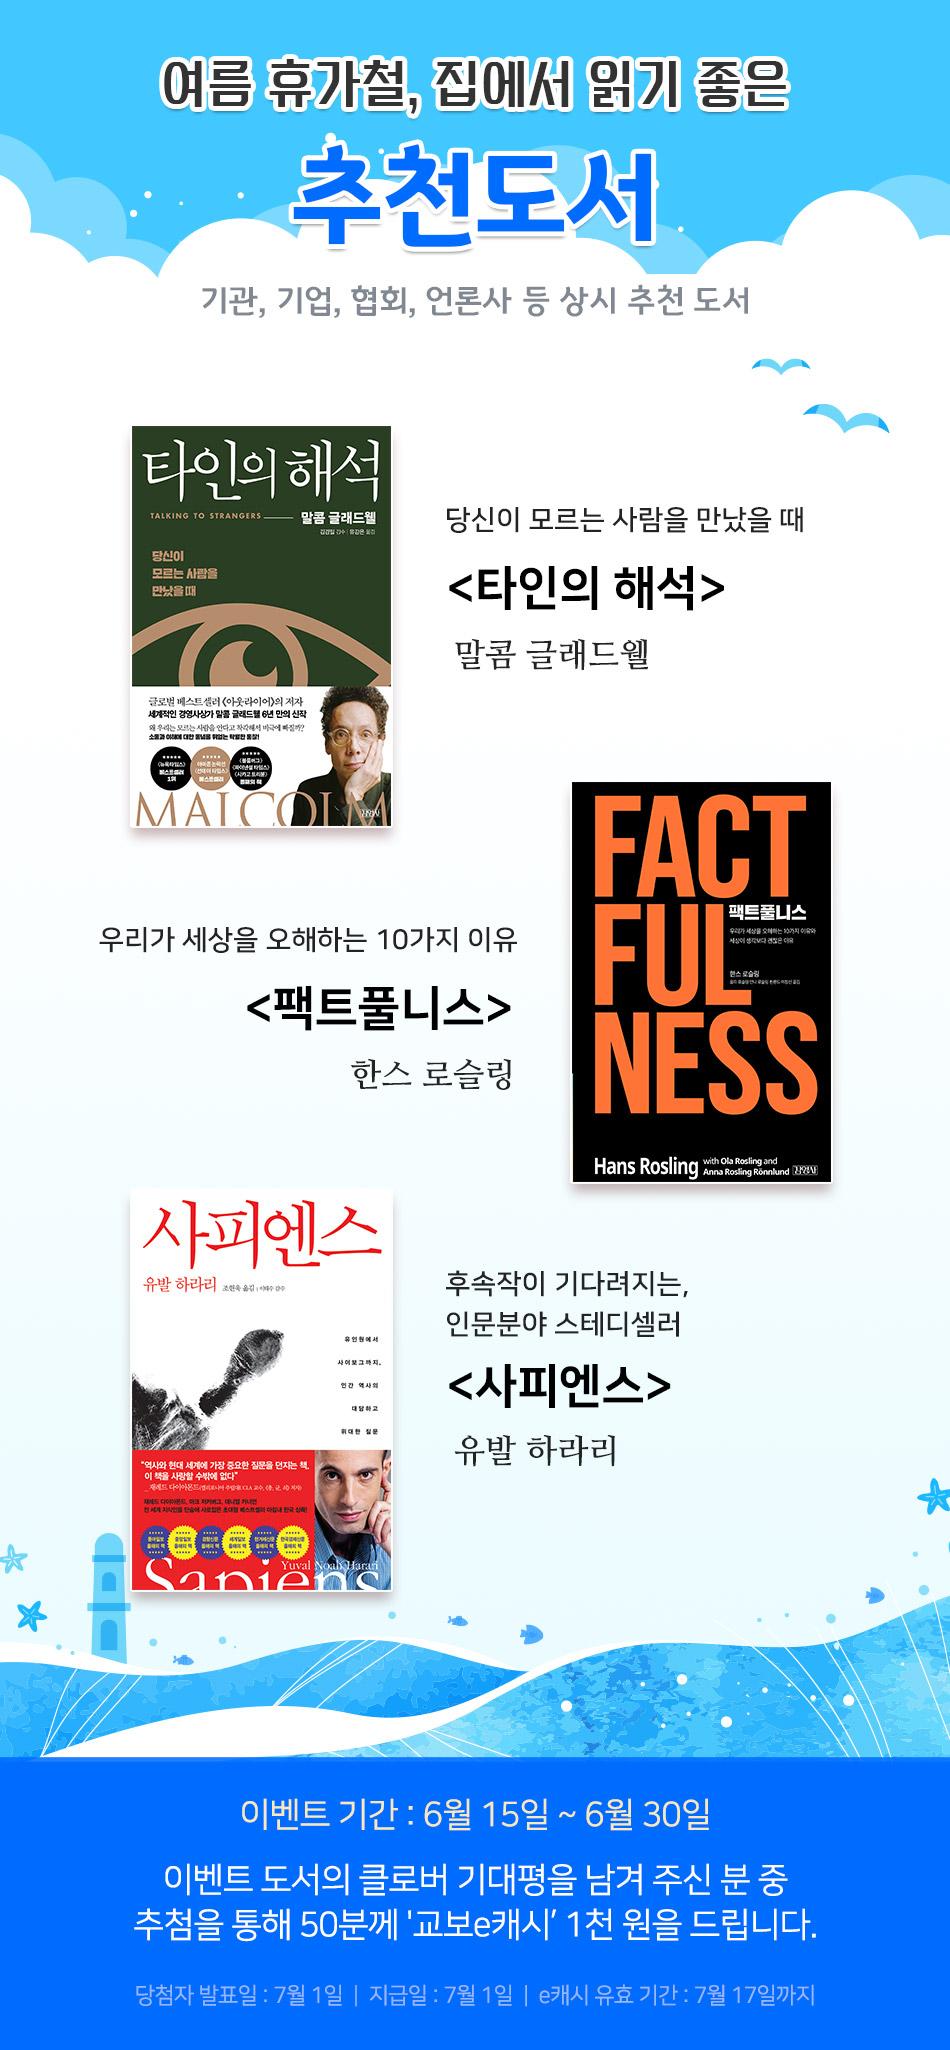 [김영사] 여름 휴가철, 집에서 읽기 좋은 추천도서